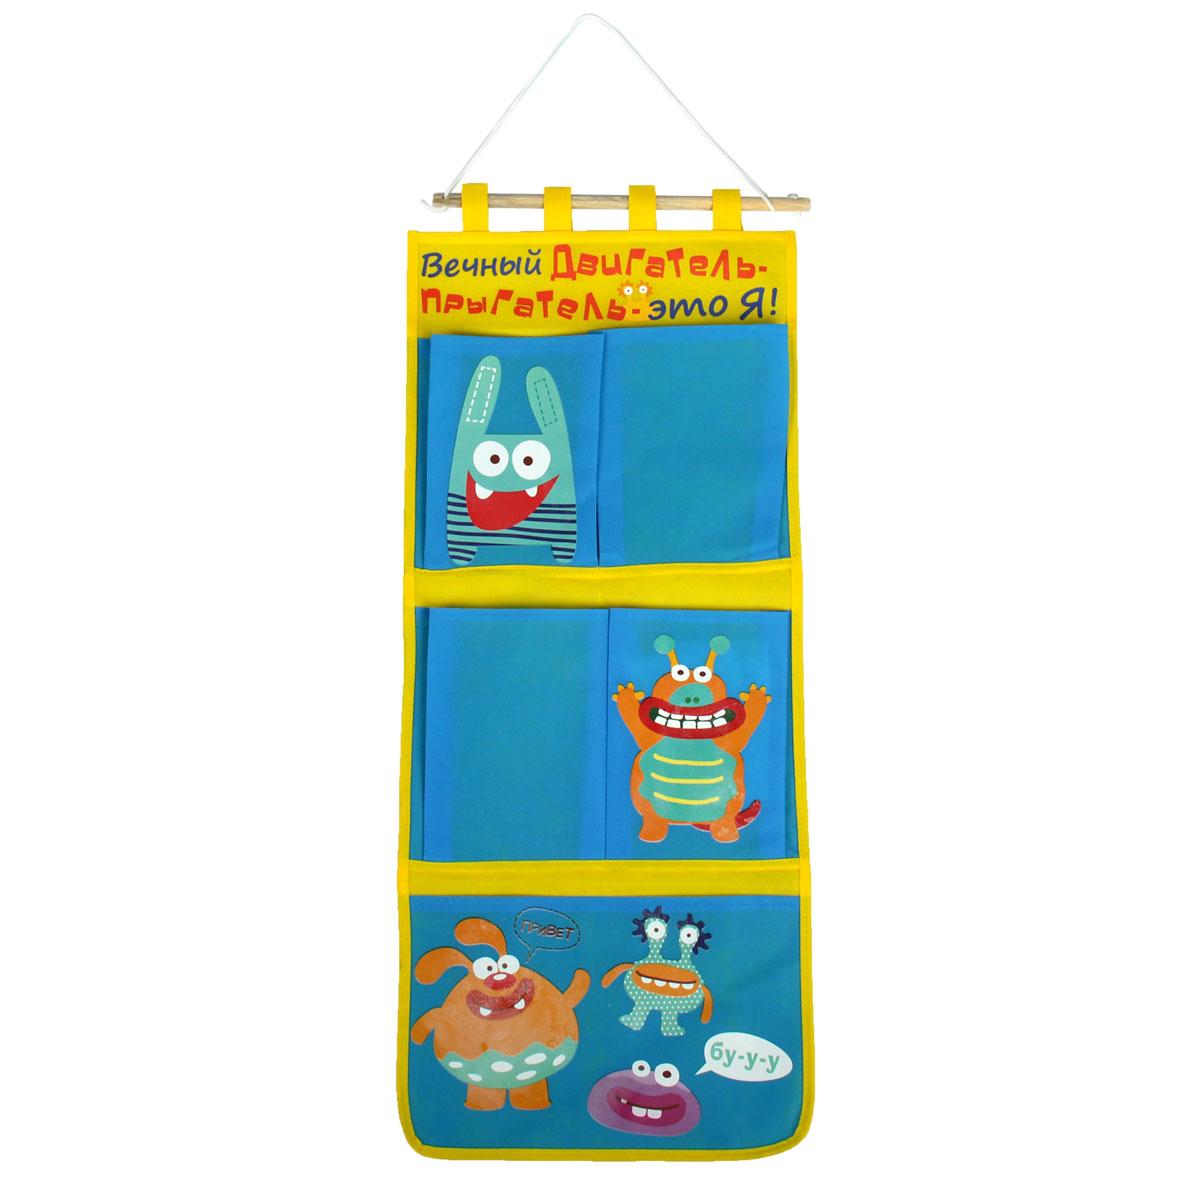 Кармашки на стену Sima-land Двигатель-прыгатель, цвет: голубой, желтый, белый, 5 шт906876Кармашки на стену Sima-land «Двигатель-прыгатель», изготовленные из текстиля, предназначены для хранения необходимых вещей, множества мелочей в гардеробной, ванной, детской комнатах. Изделие представляет собой текстильное полотно с пятью пришитыми кармашками. Благодаря деревянной планке и шнурку, кармашки можно подвесить на стену или дверь в необходимом для вас месте. Кармашки декорированы изображениями забавных фантастических мультяшек и надписью «Вечный двигатель-прыгатель - это я!». Этот нужный предмет может стать одновременно и декоративным элементом комнаты. Яркий дизайн, как ничто иное, способен оживить интерьер вашего дома.